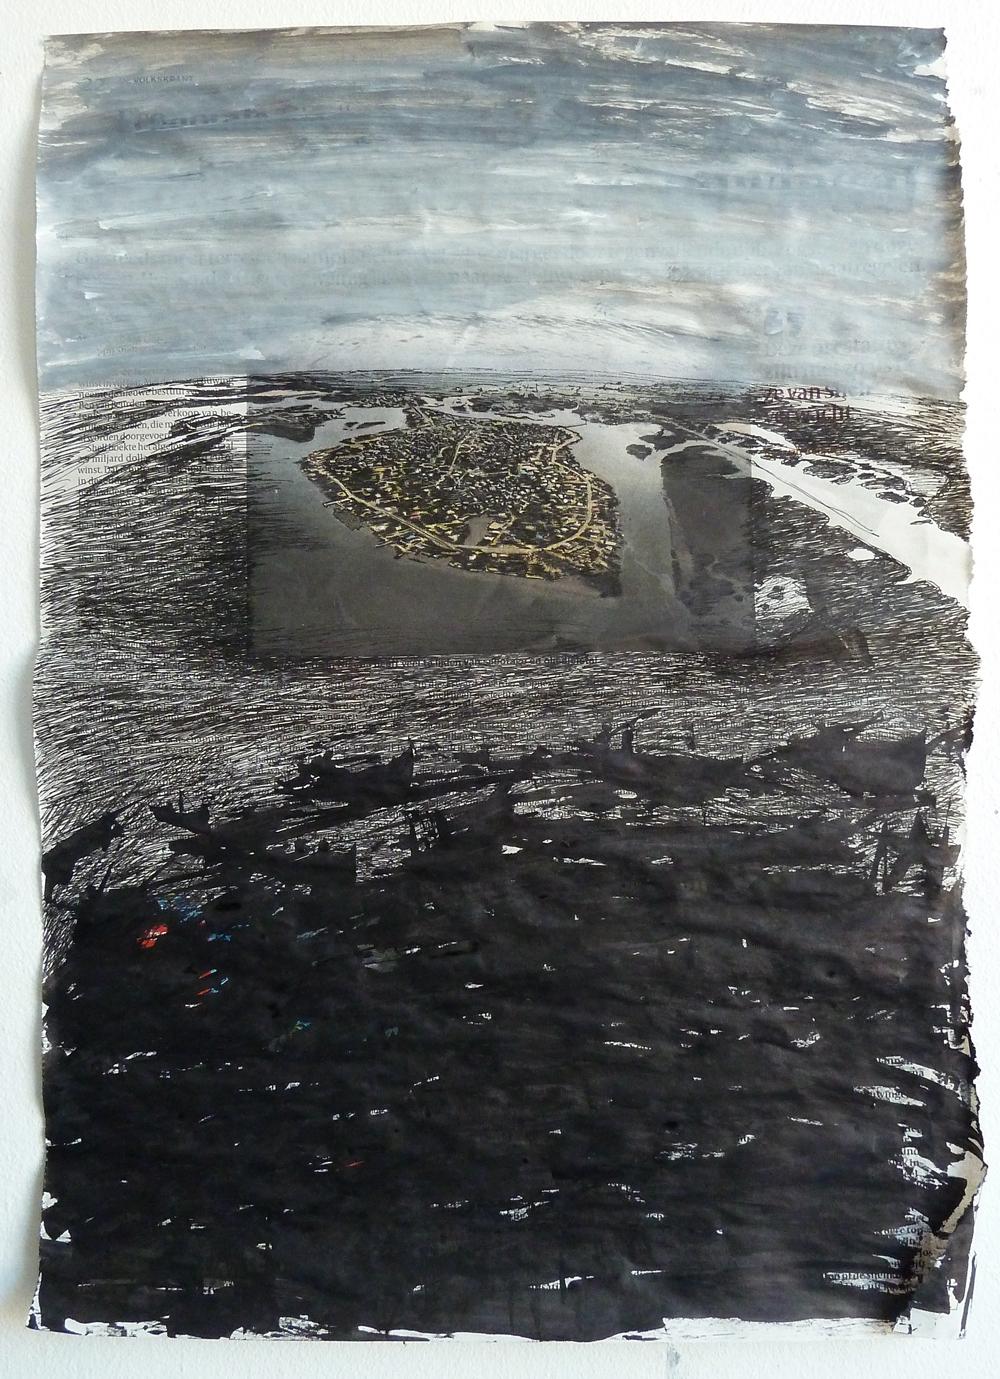 Nigerdelta; 42 x 29 cm; gesso, pen, inkt op krantenpagina; 2014